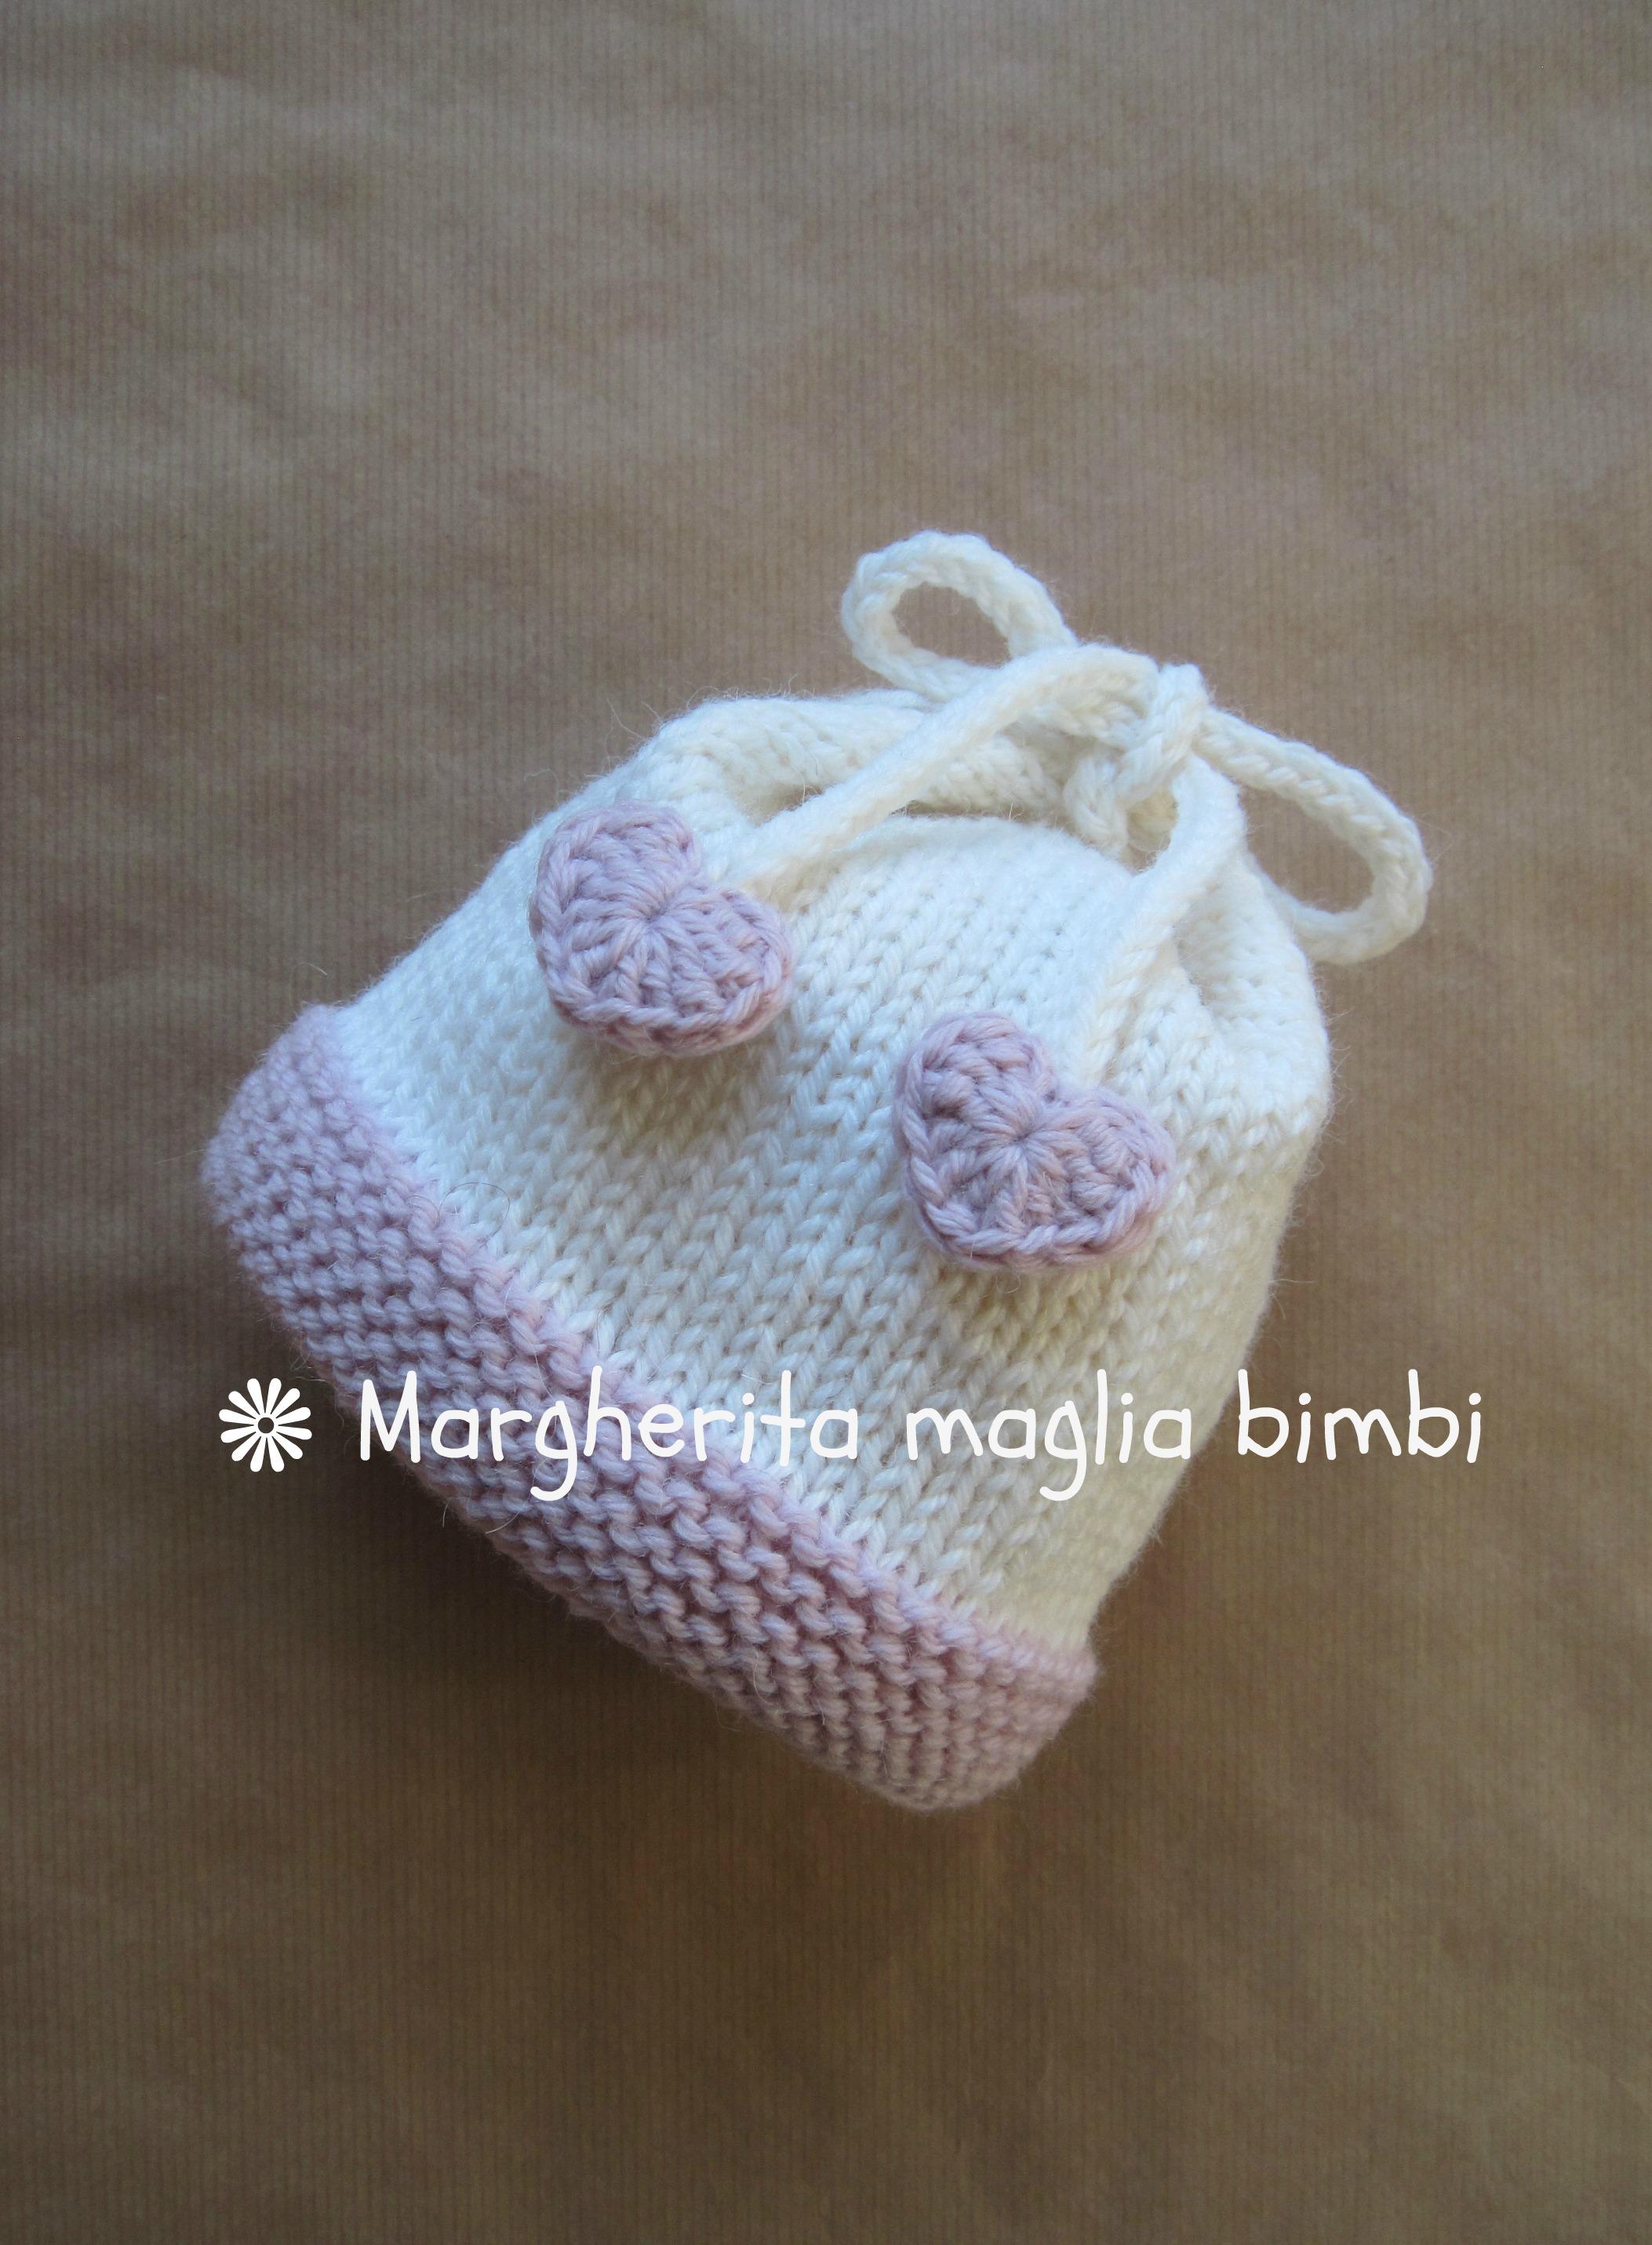 negozi popolari 100% autentico sito web per lo sconto Cuffia, berretto, cappellino neonata in pura lana e alpaca con ...